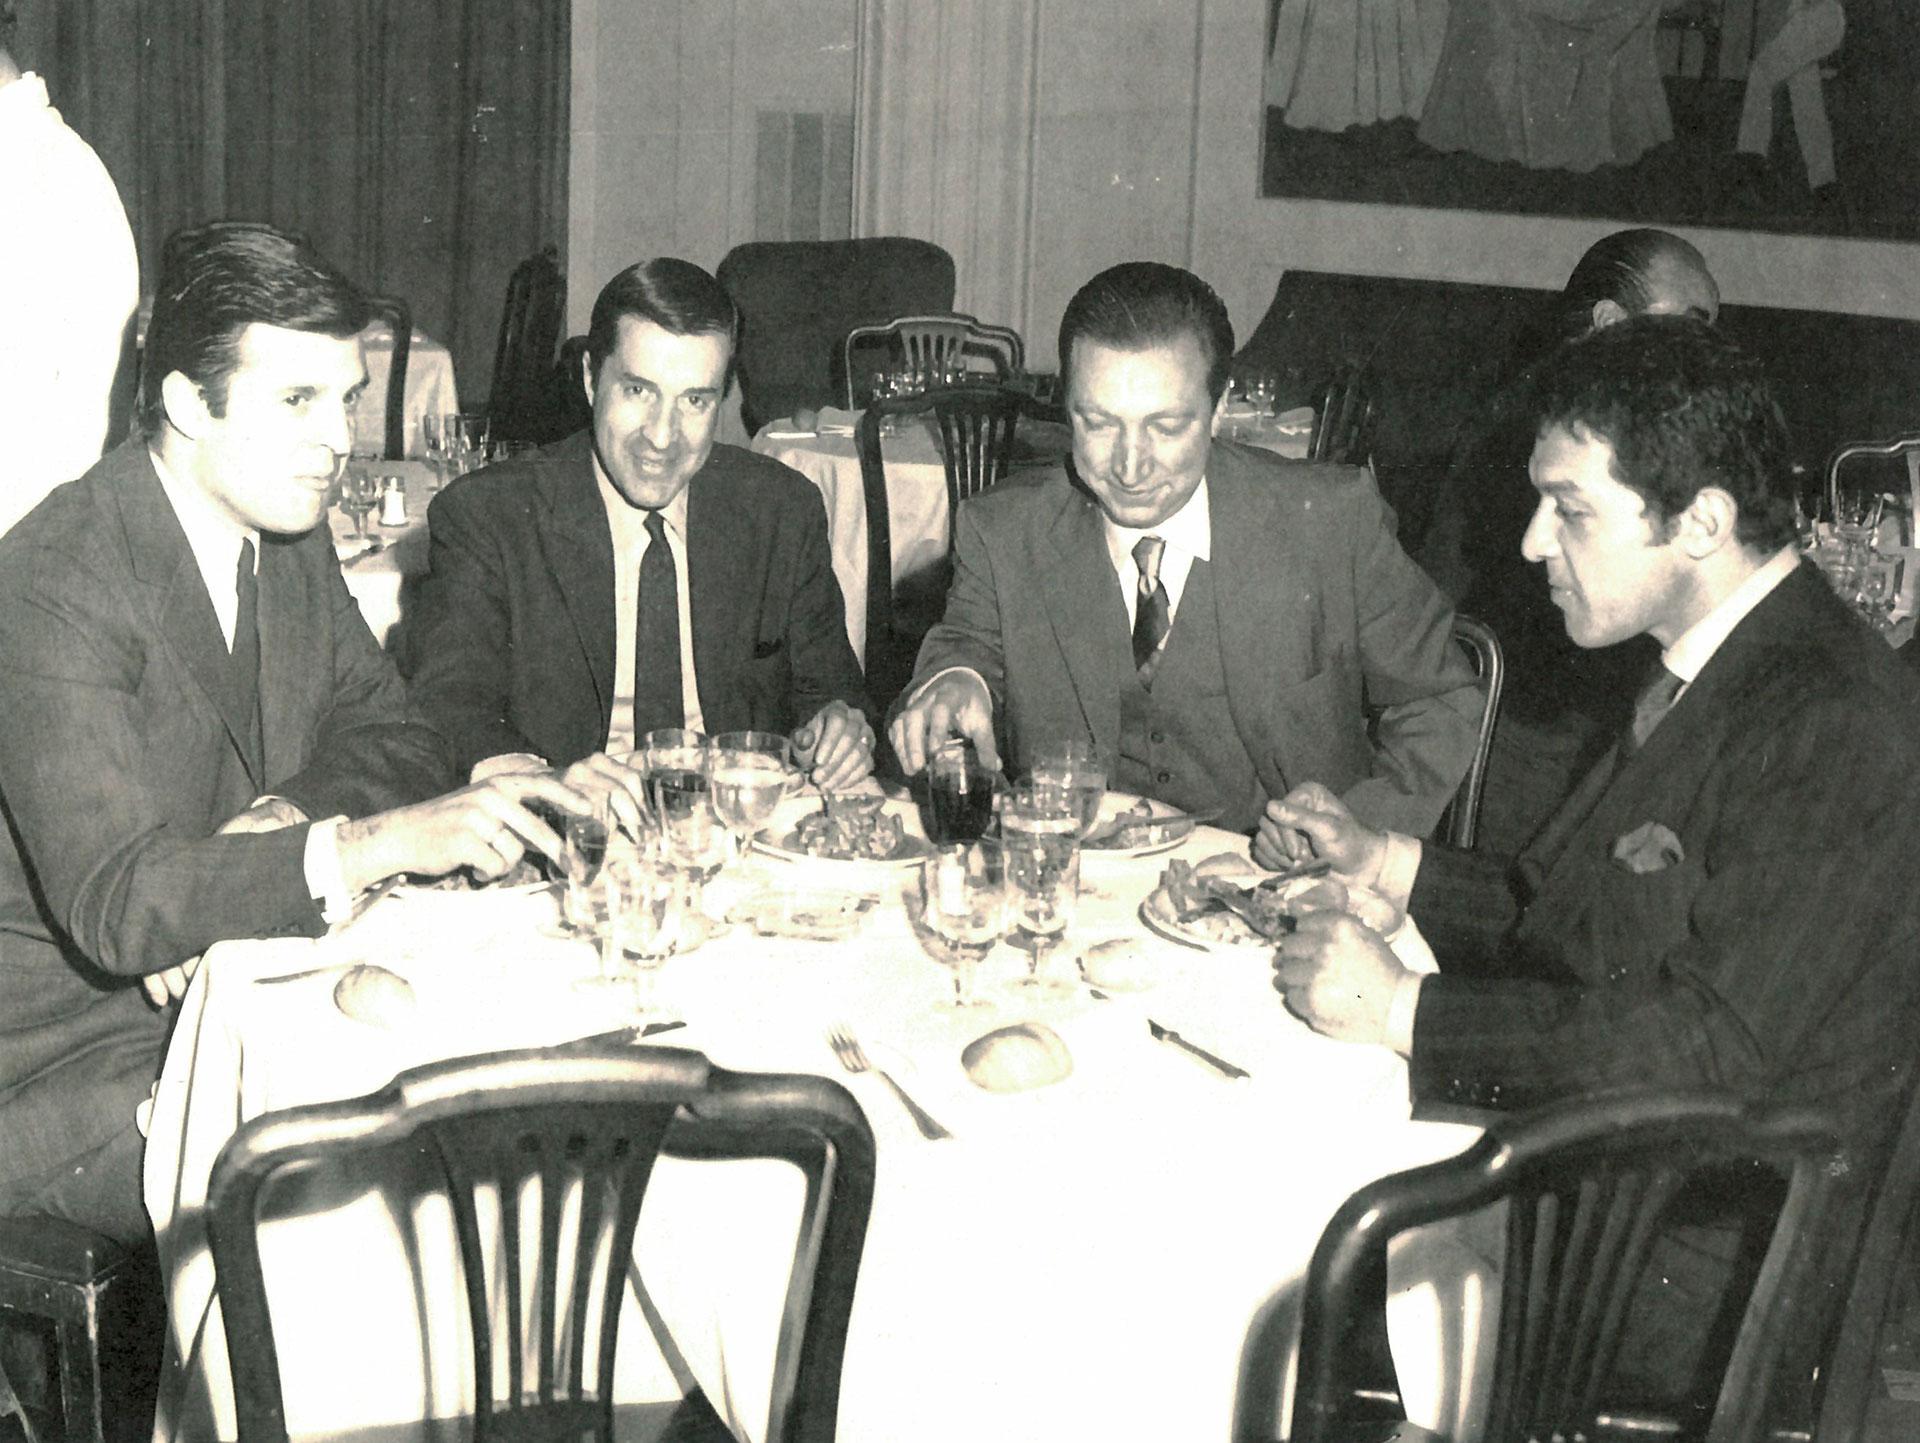 Julio Ricardo, Juan Carlos Pérez Loizeau, Horacio De Dios y Pancho Barroetaveña (director de cámara)